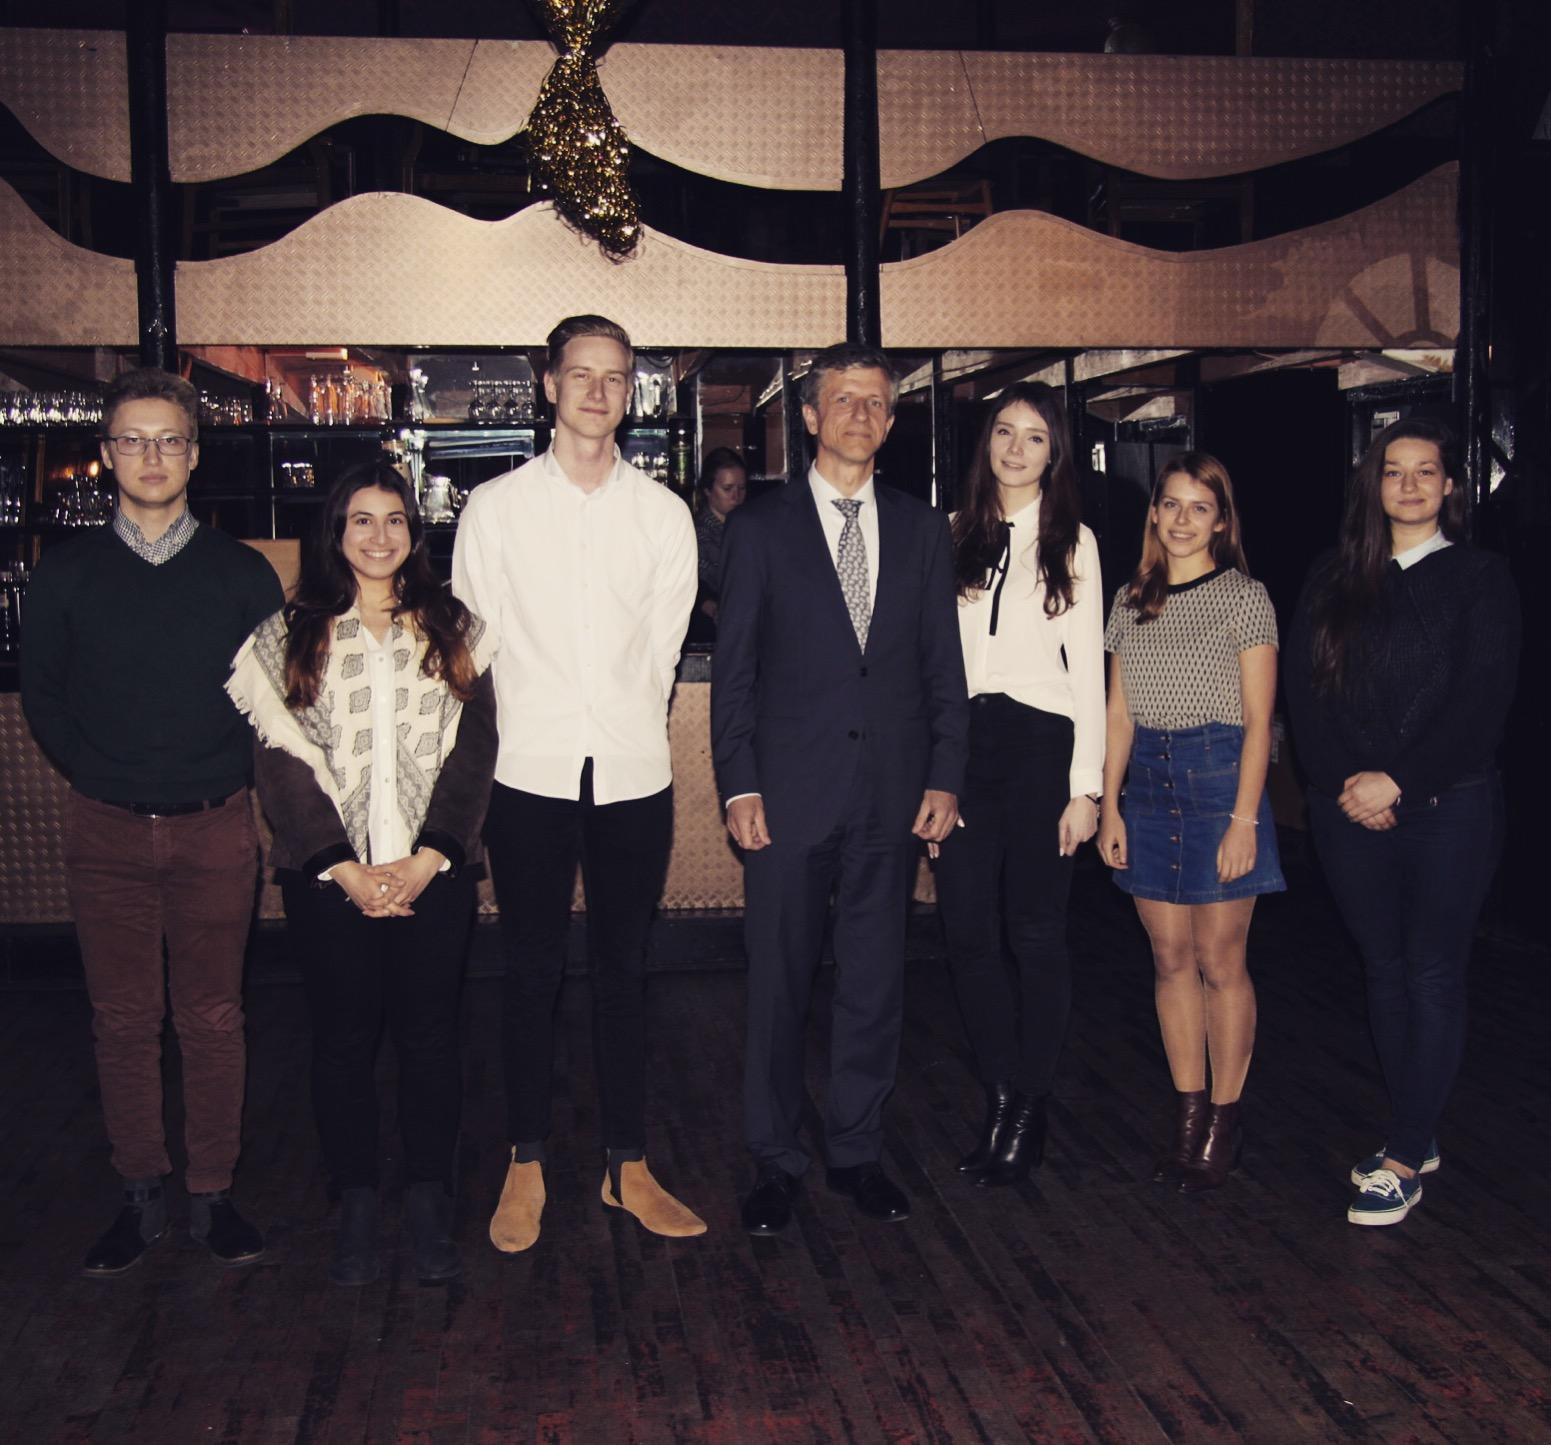 Checks&Balances Committee and the Lithuanian Ambassador